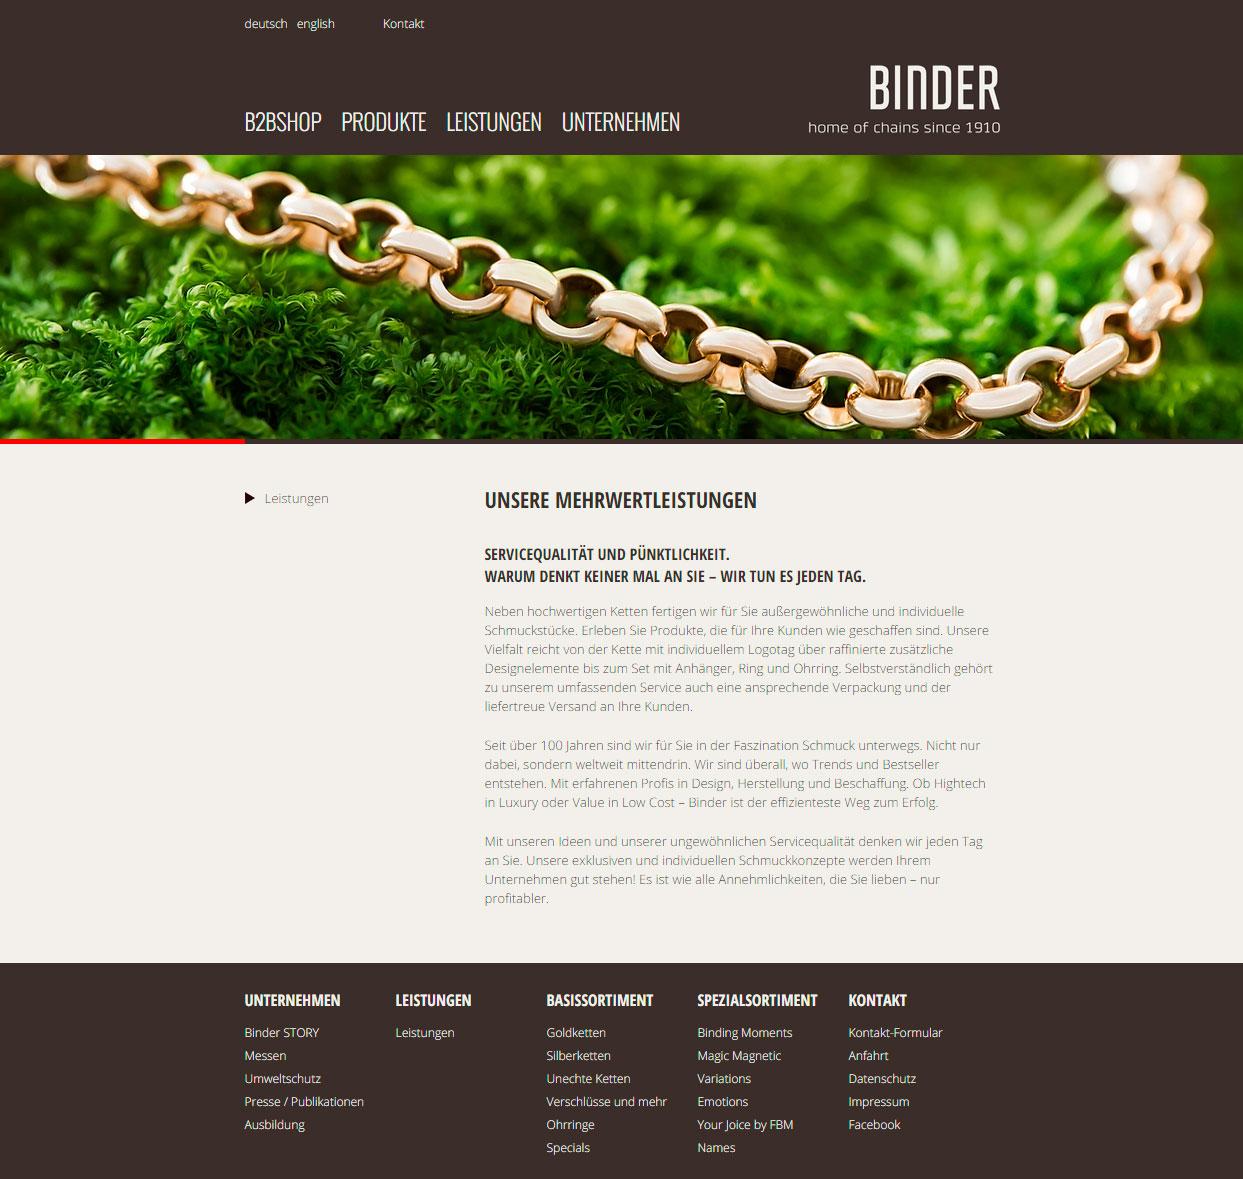 Schmuck_Markenentwicklung_FBM_Binder_Website_content2